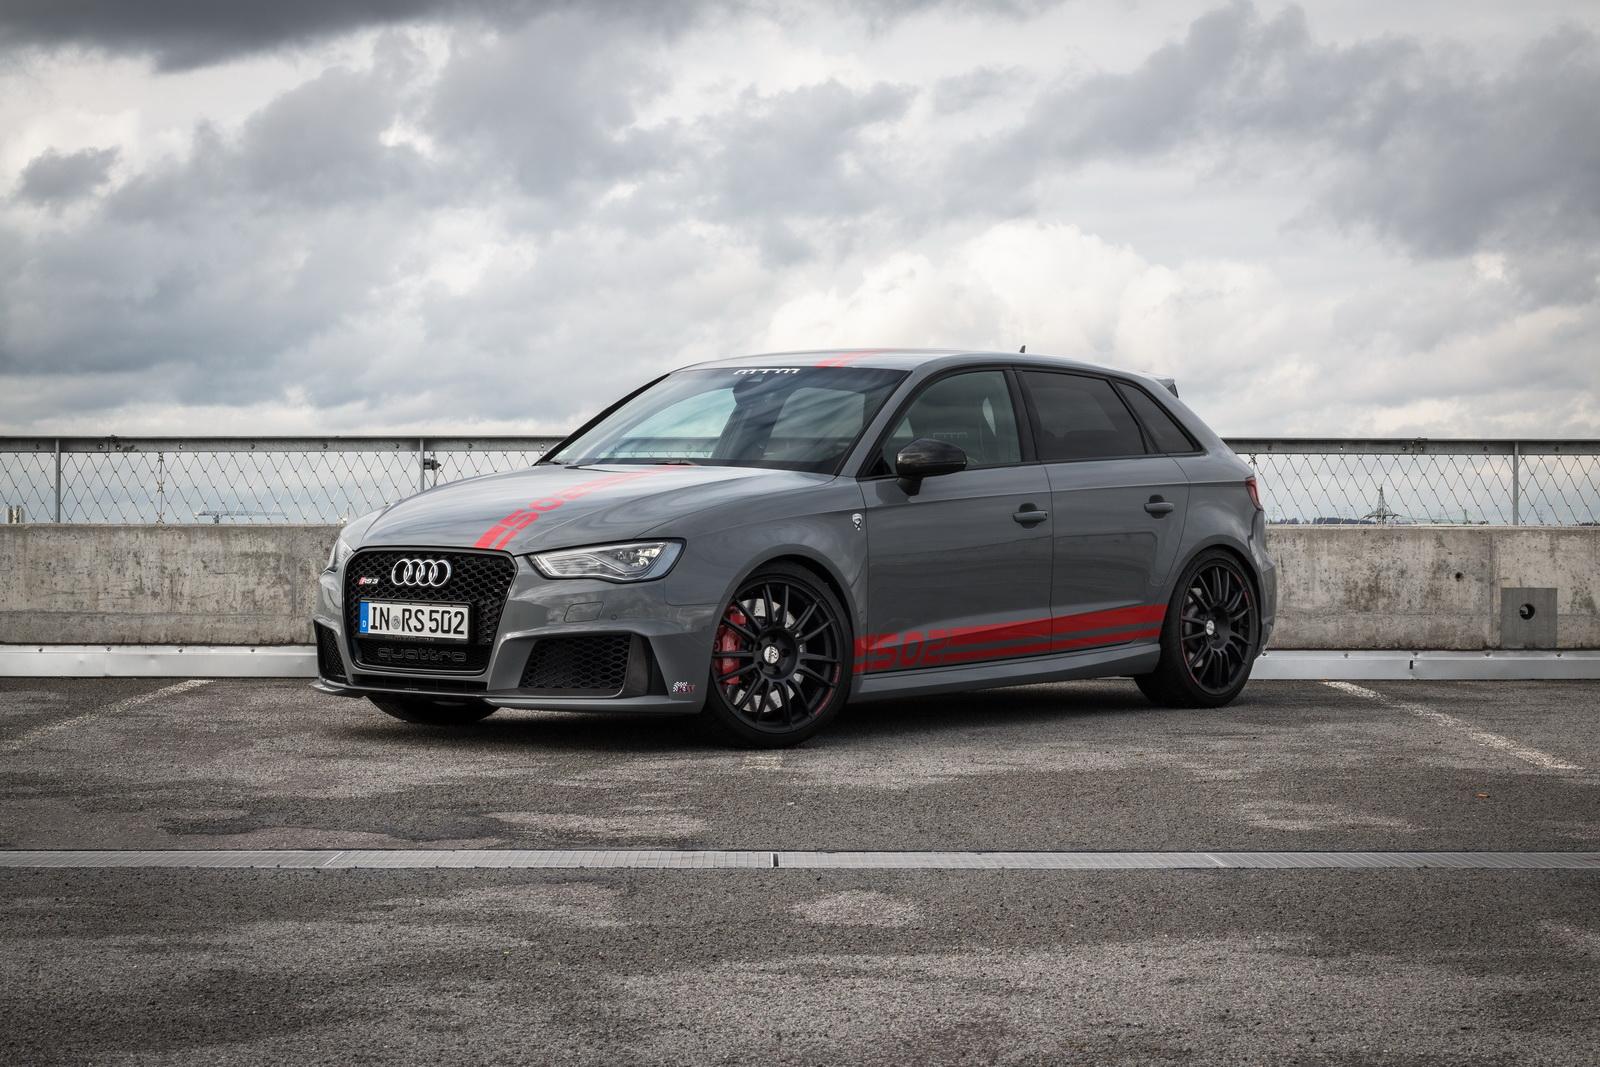 Audi RS3 độ MTM có lẽ là con Hatchback mạnh nhất thế giới?